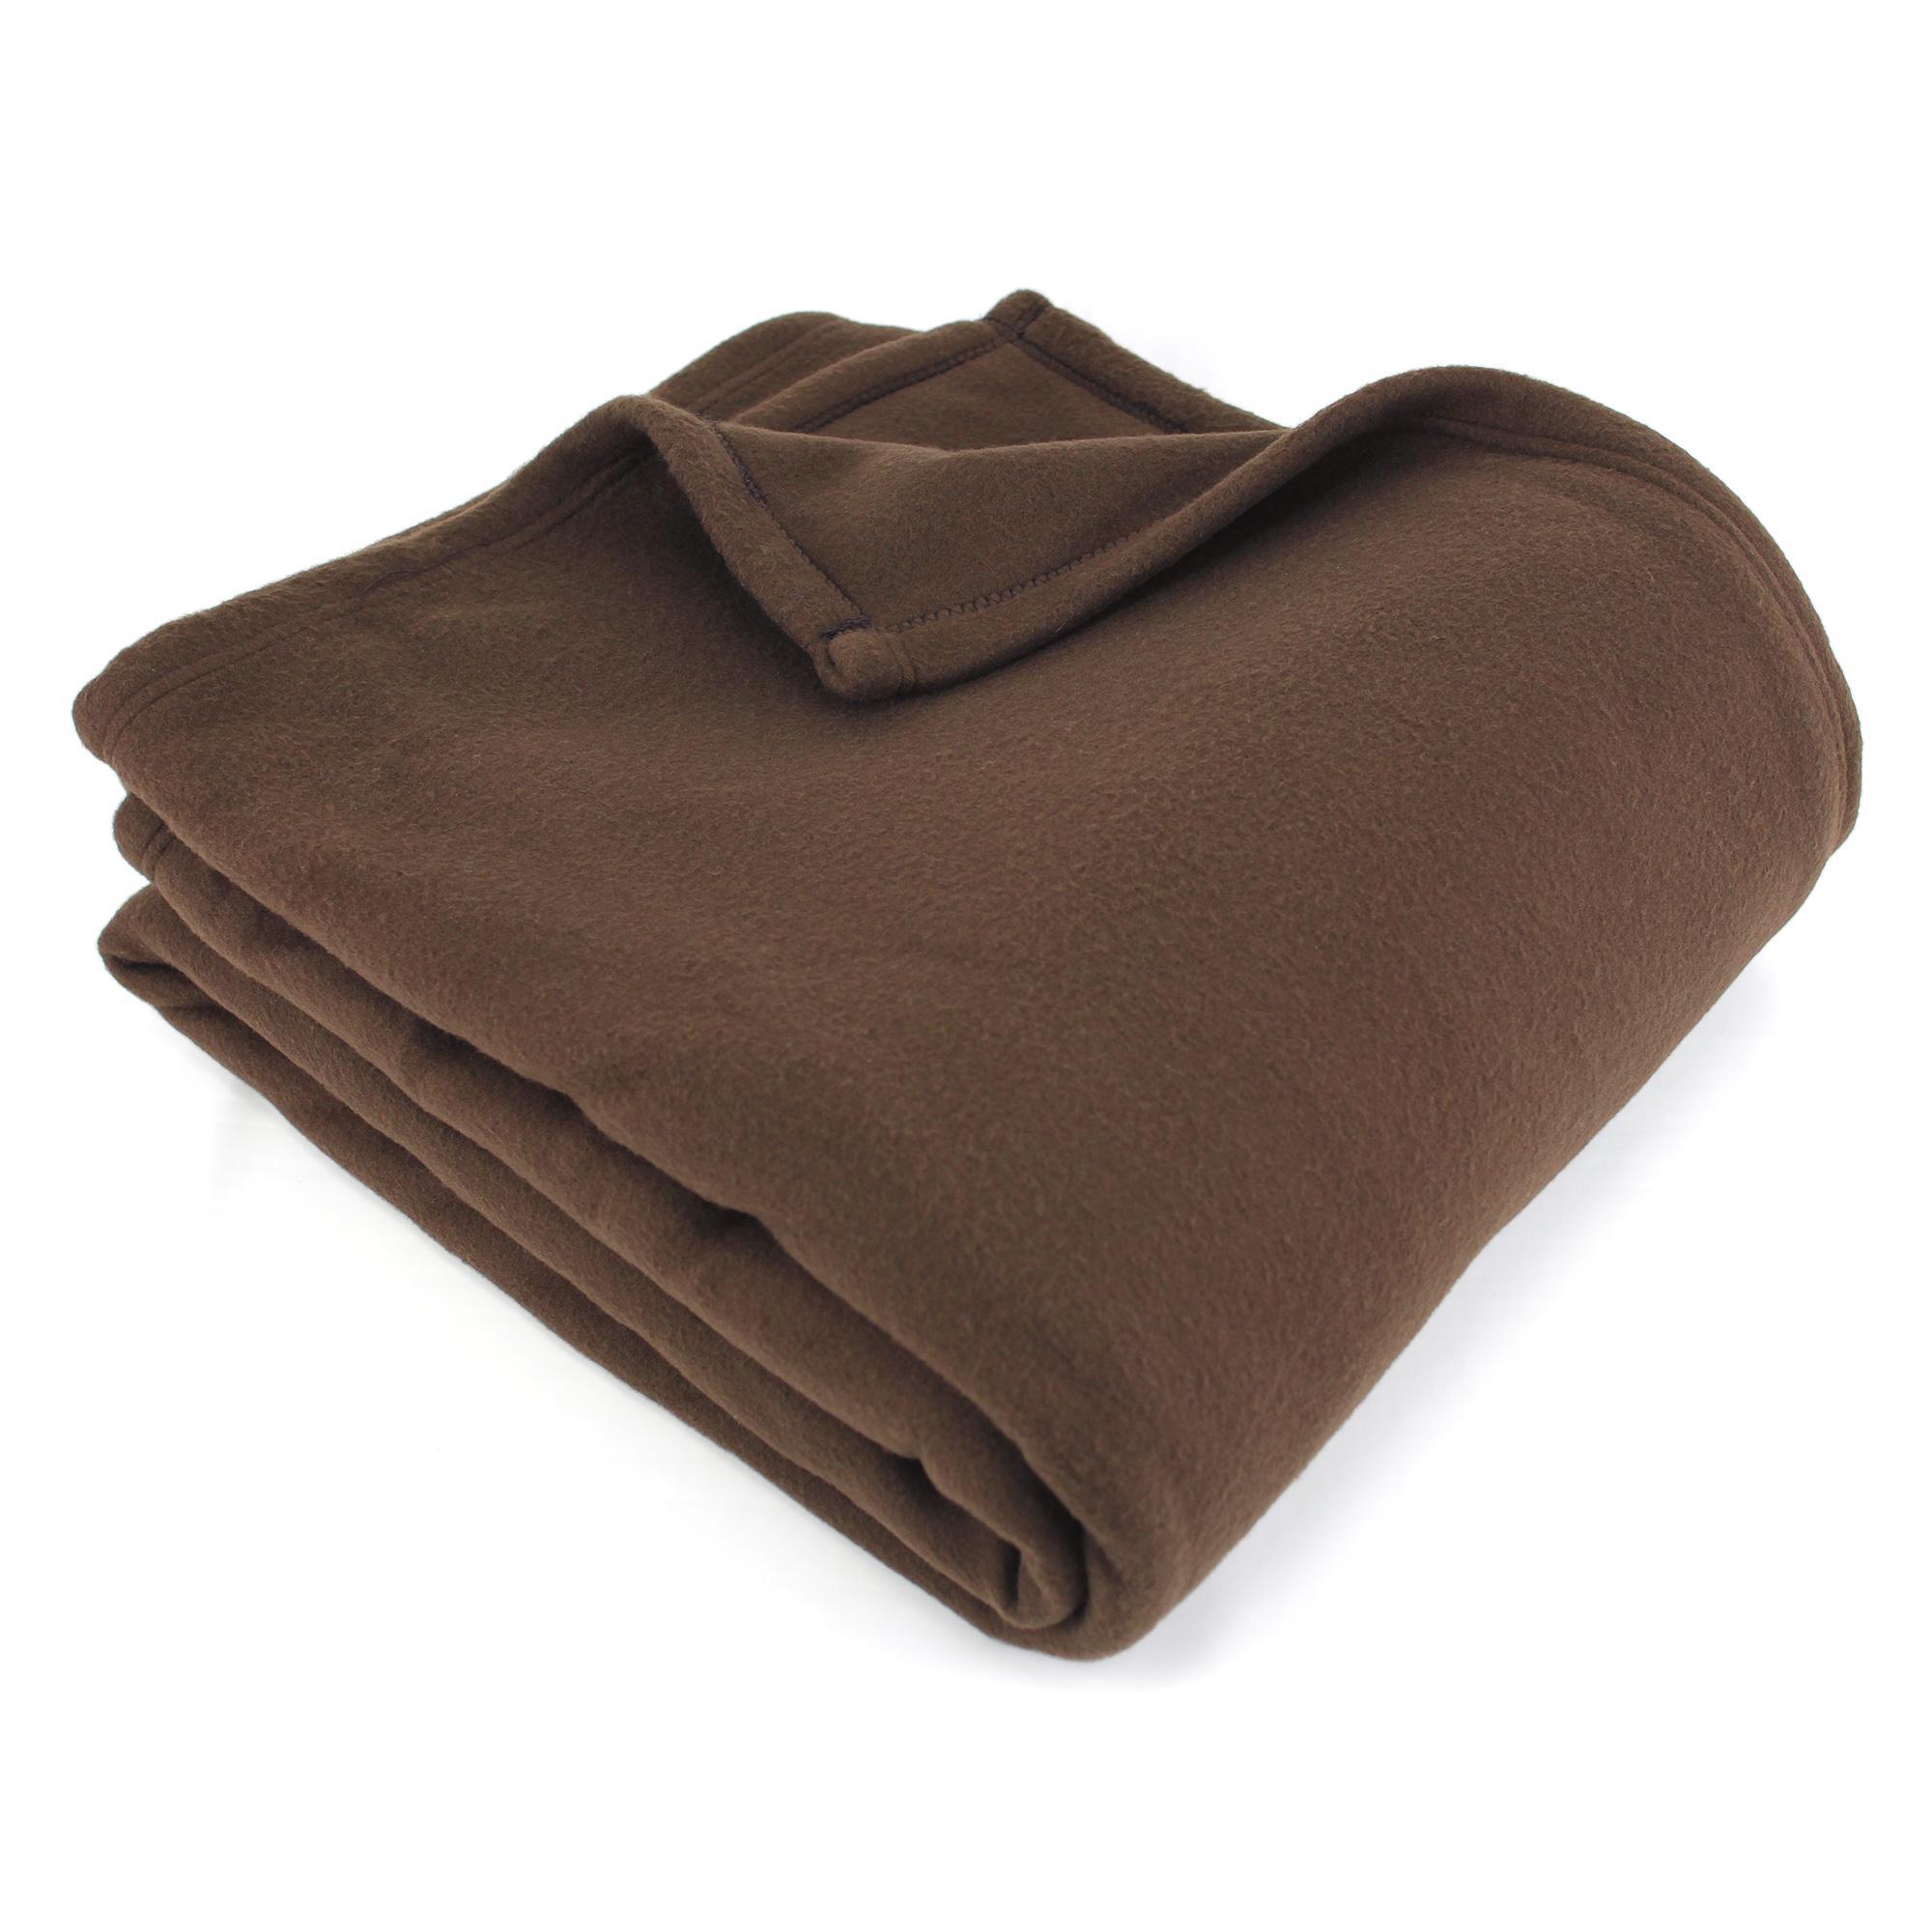 couverture polaire polyester 220x240 cm teddy chocolat linnea linge de maison et. Black Bedroom Furniture Sets. Home Design Ideas